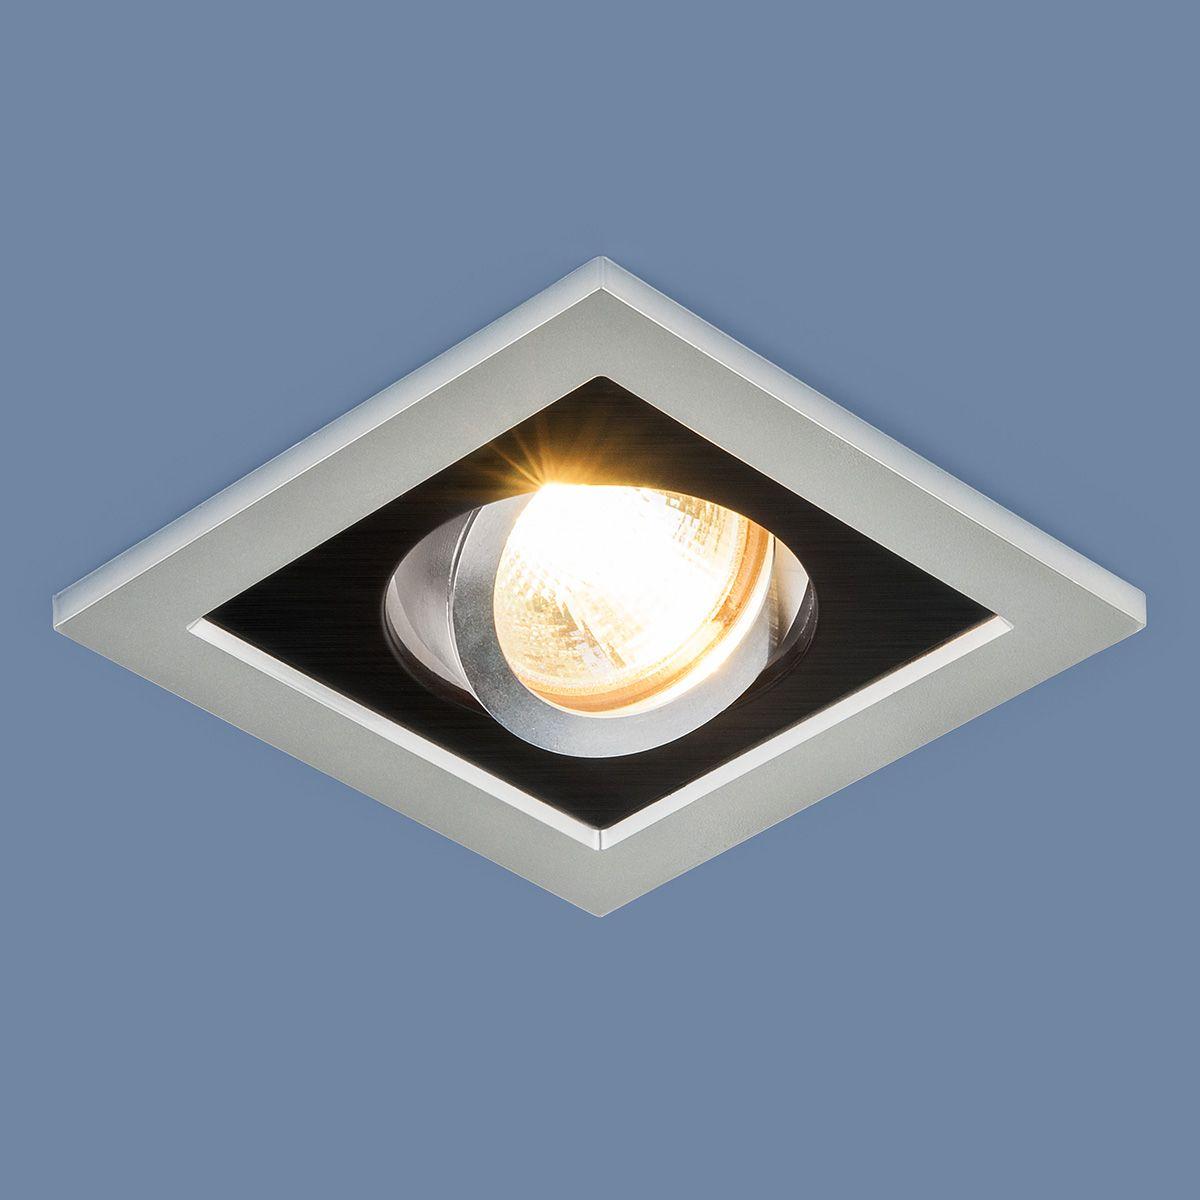 Точечный светильник с поворотным механизмом 1031/1 MR16 SL/BK серебро/черный